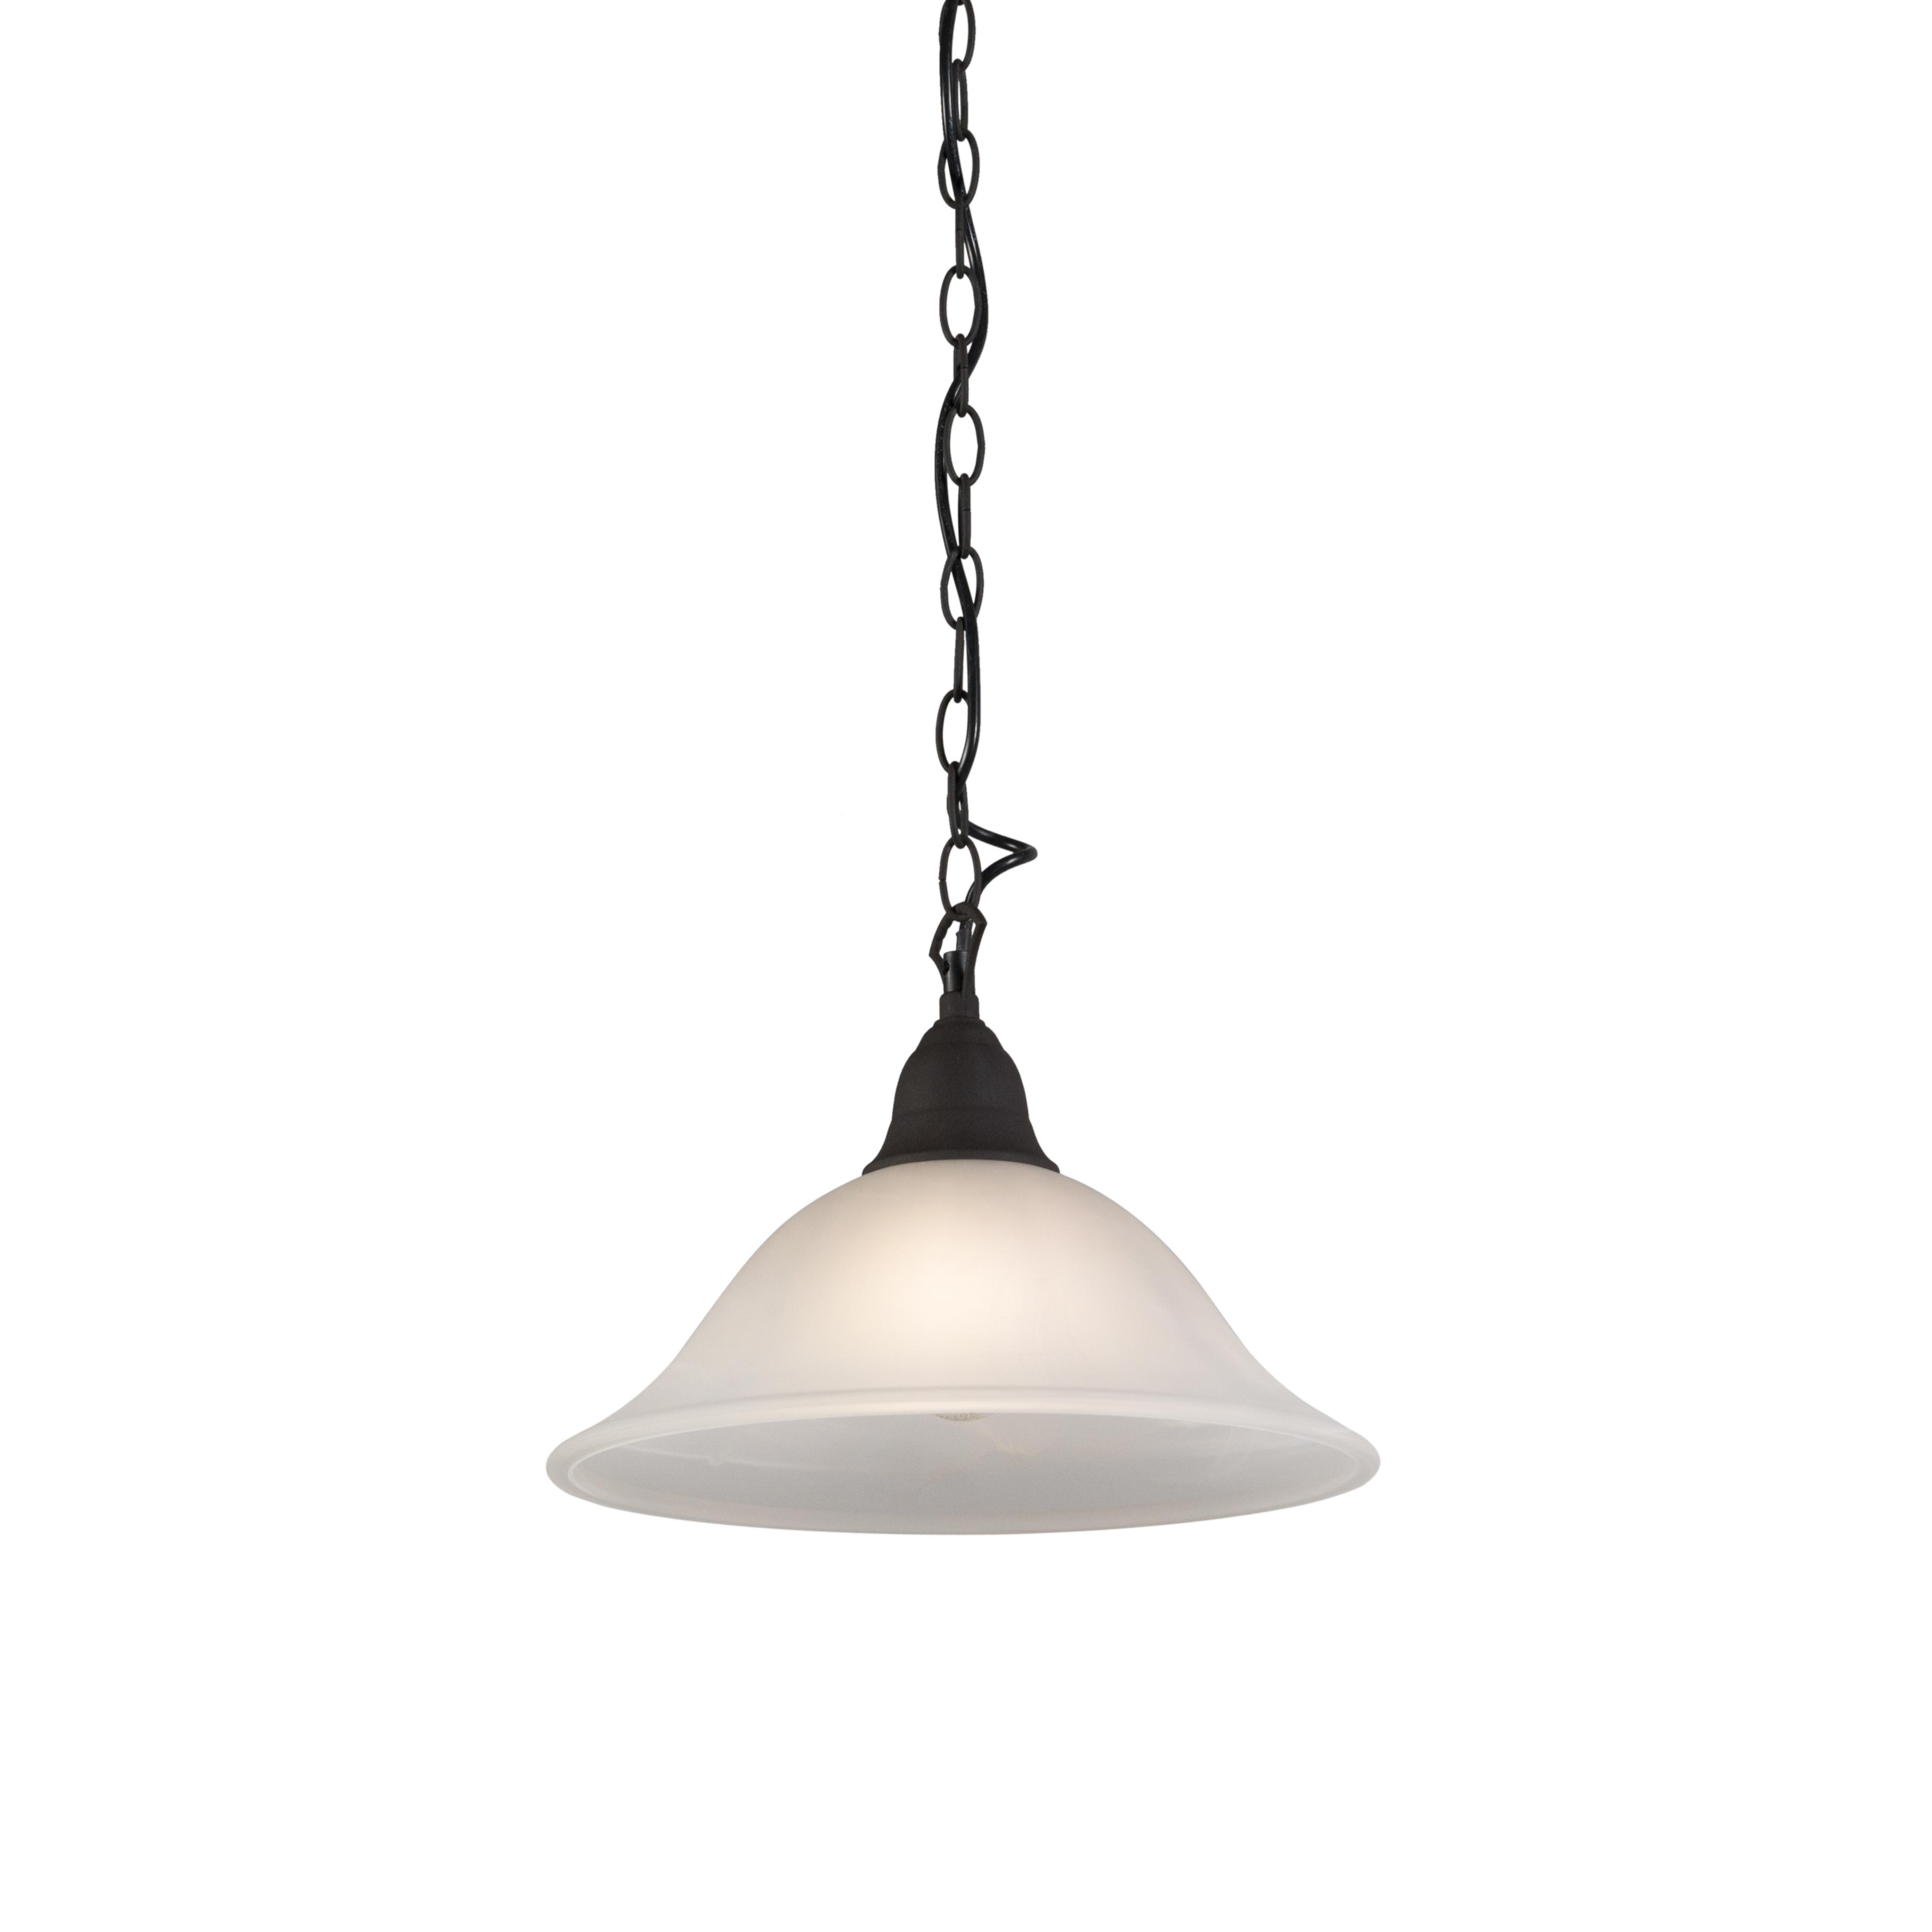 Hanglamp Dallas 1 roestbruin